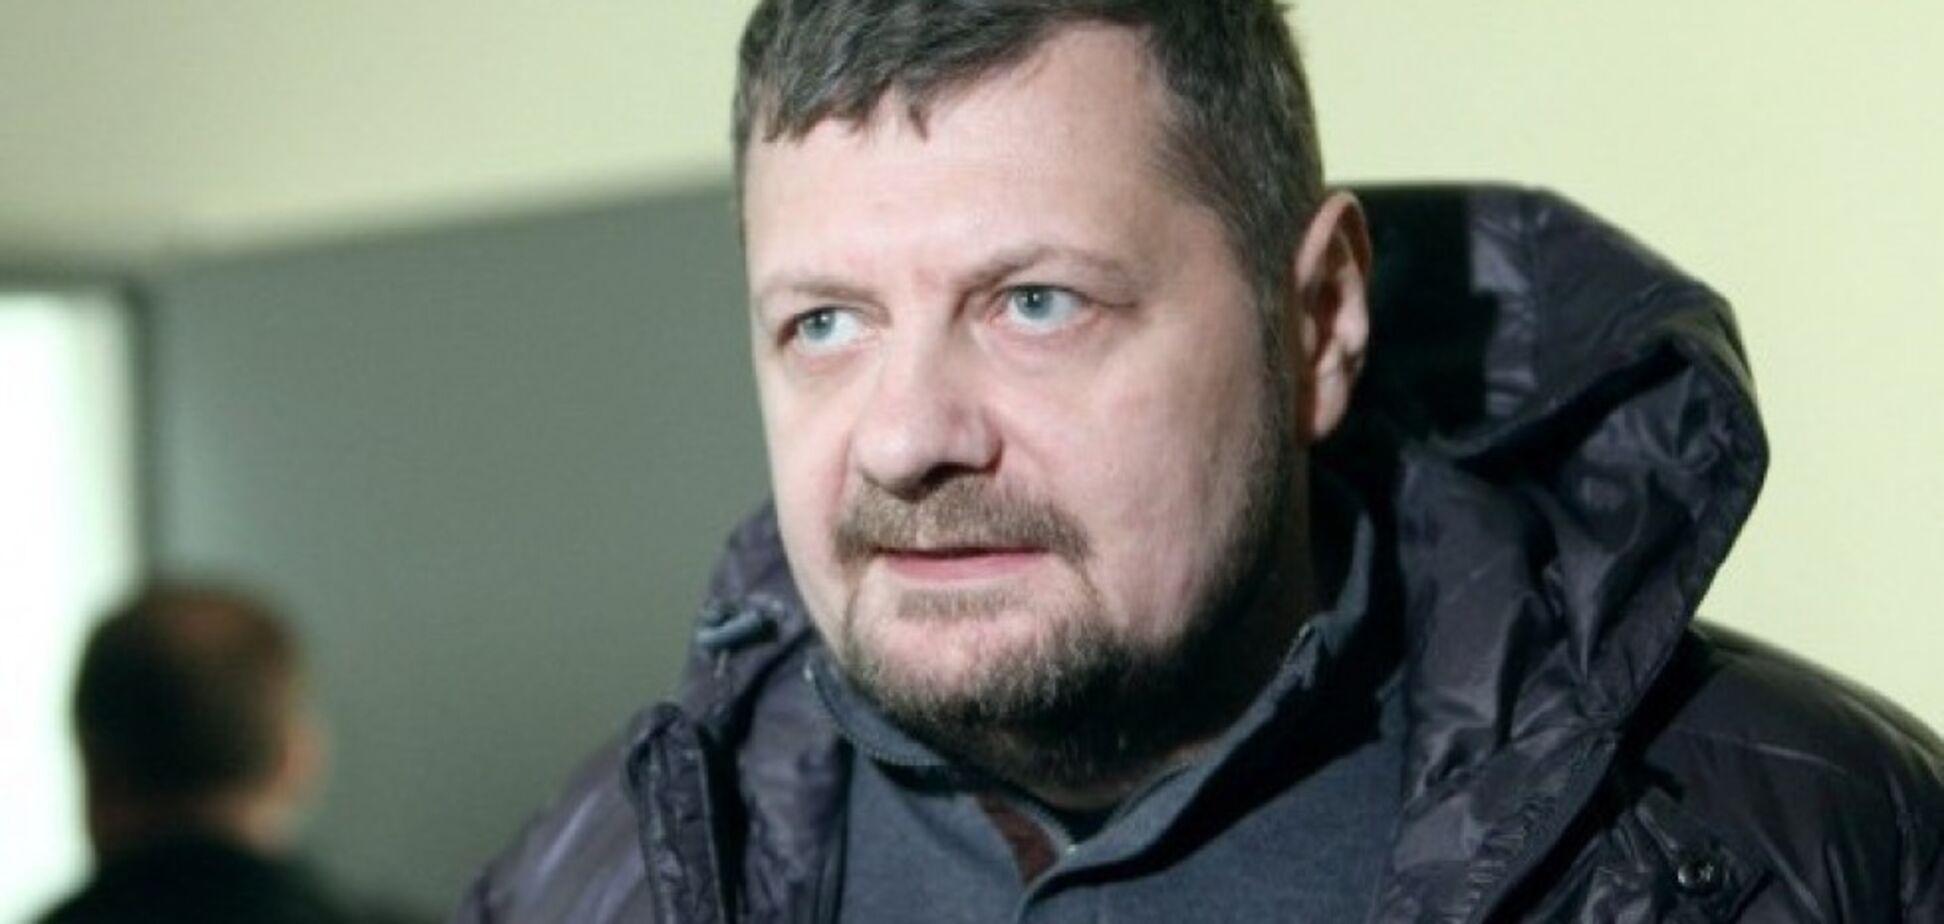 Мосійчук: мене хочуть вбити до кінця листопада